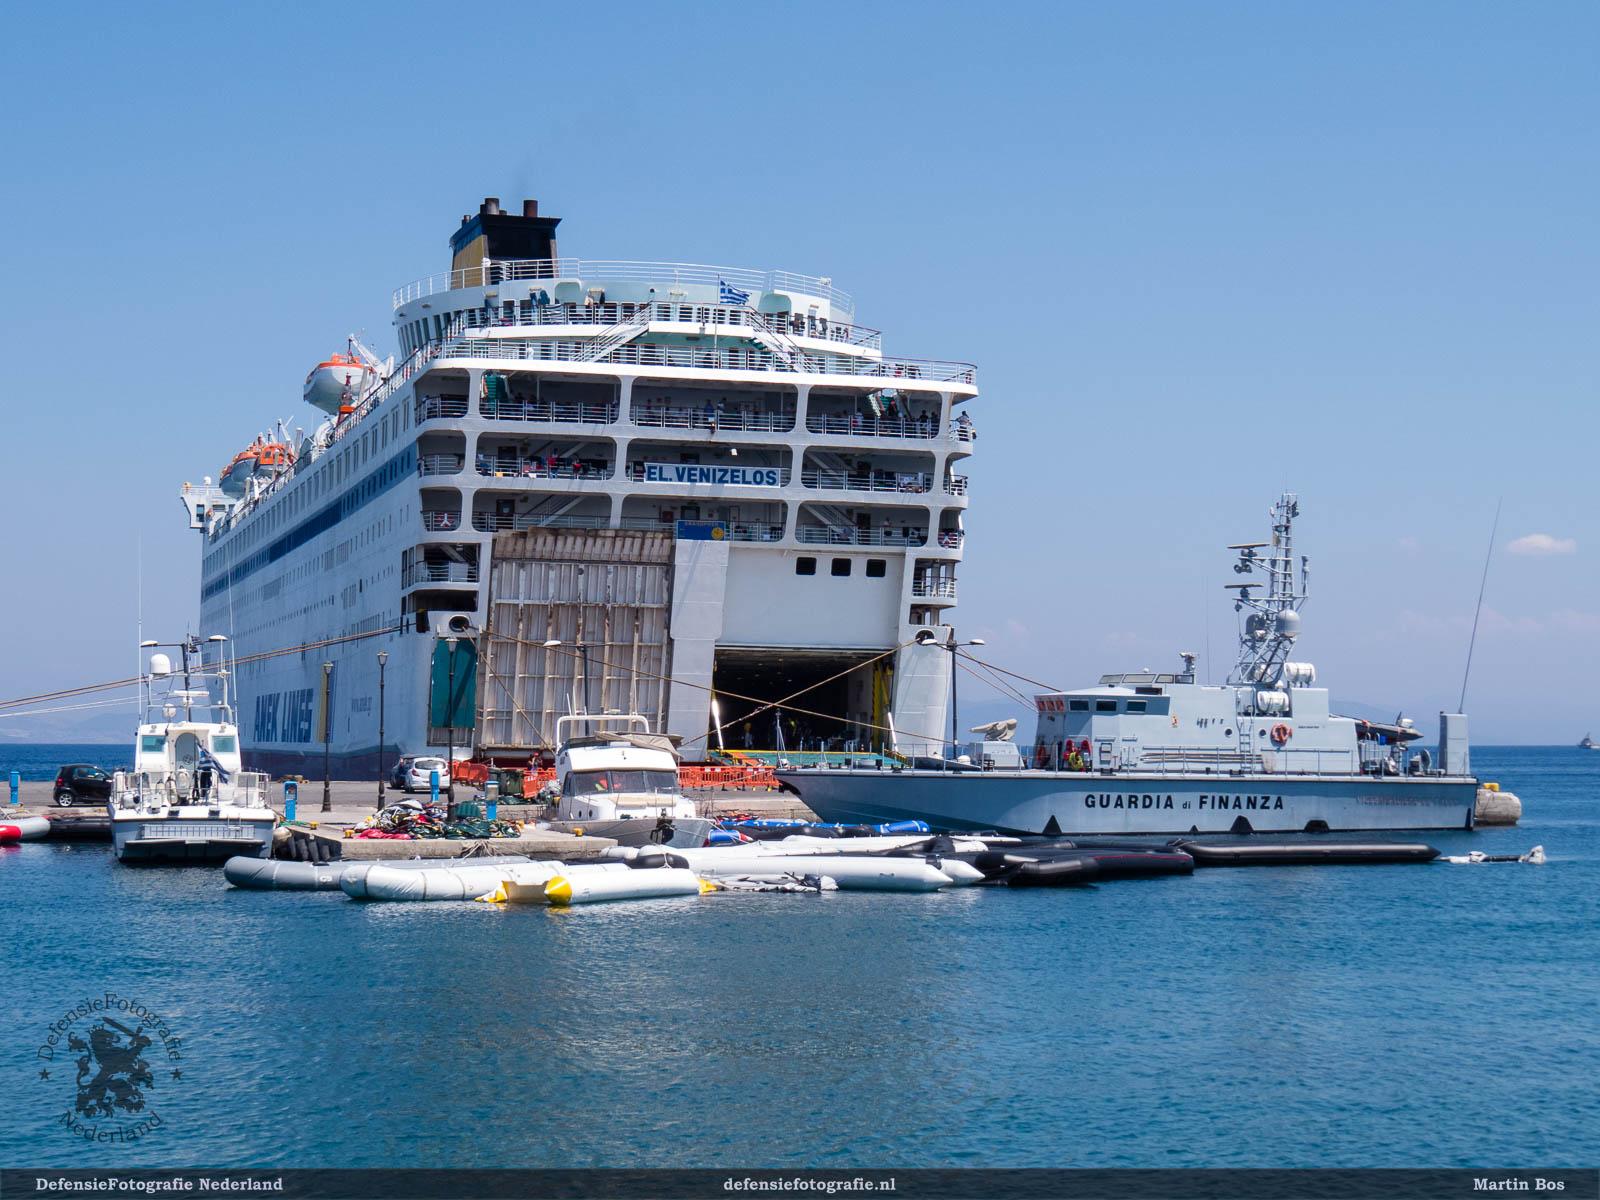 Bigilani-klasse en vluchtelingenschepen